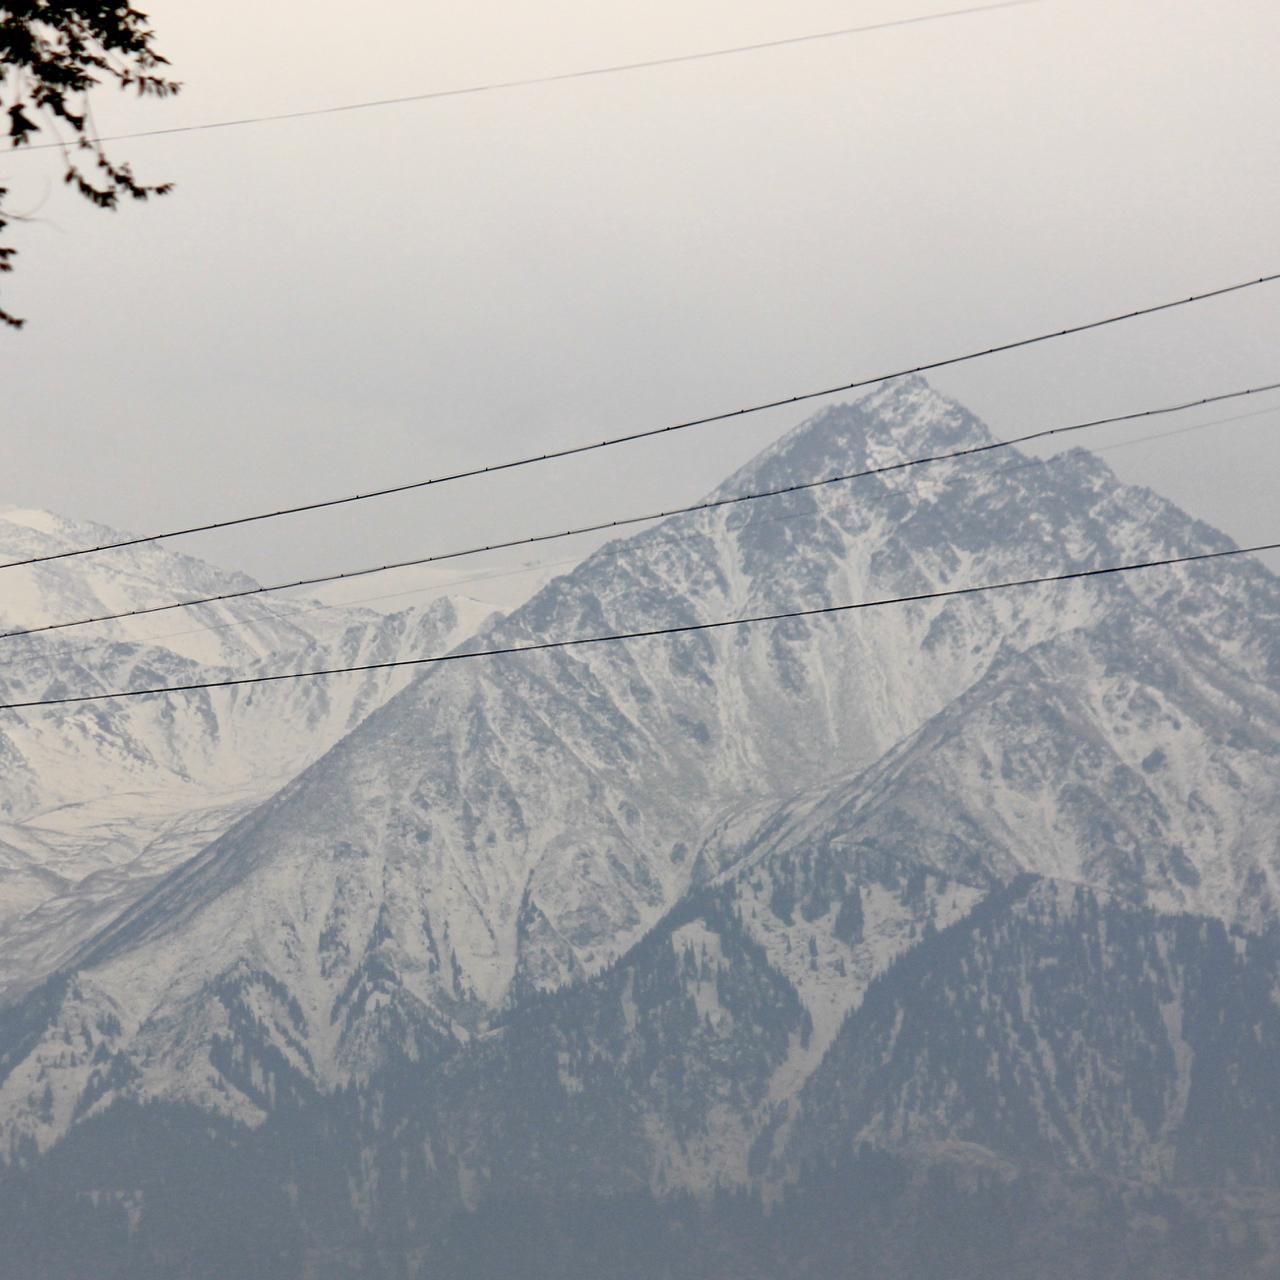 Almaty, Kazakhstan - 3 (1)